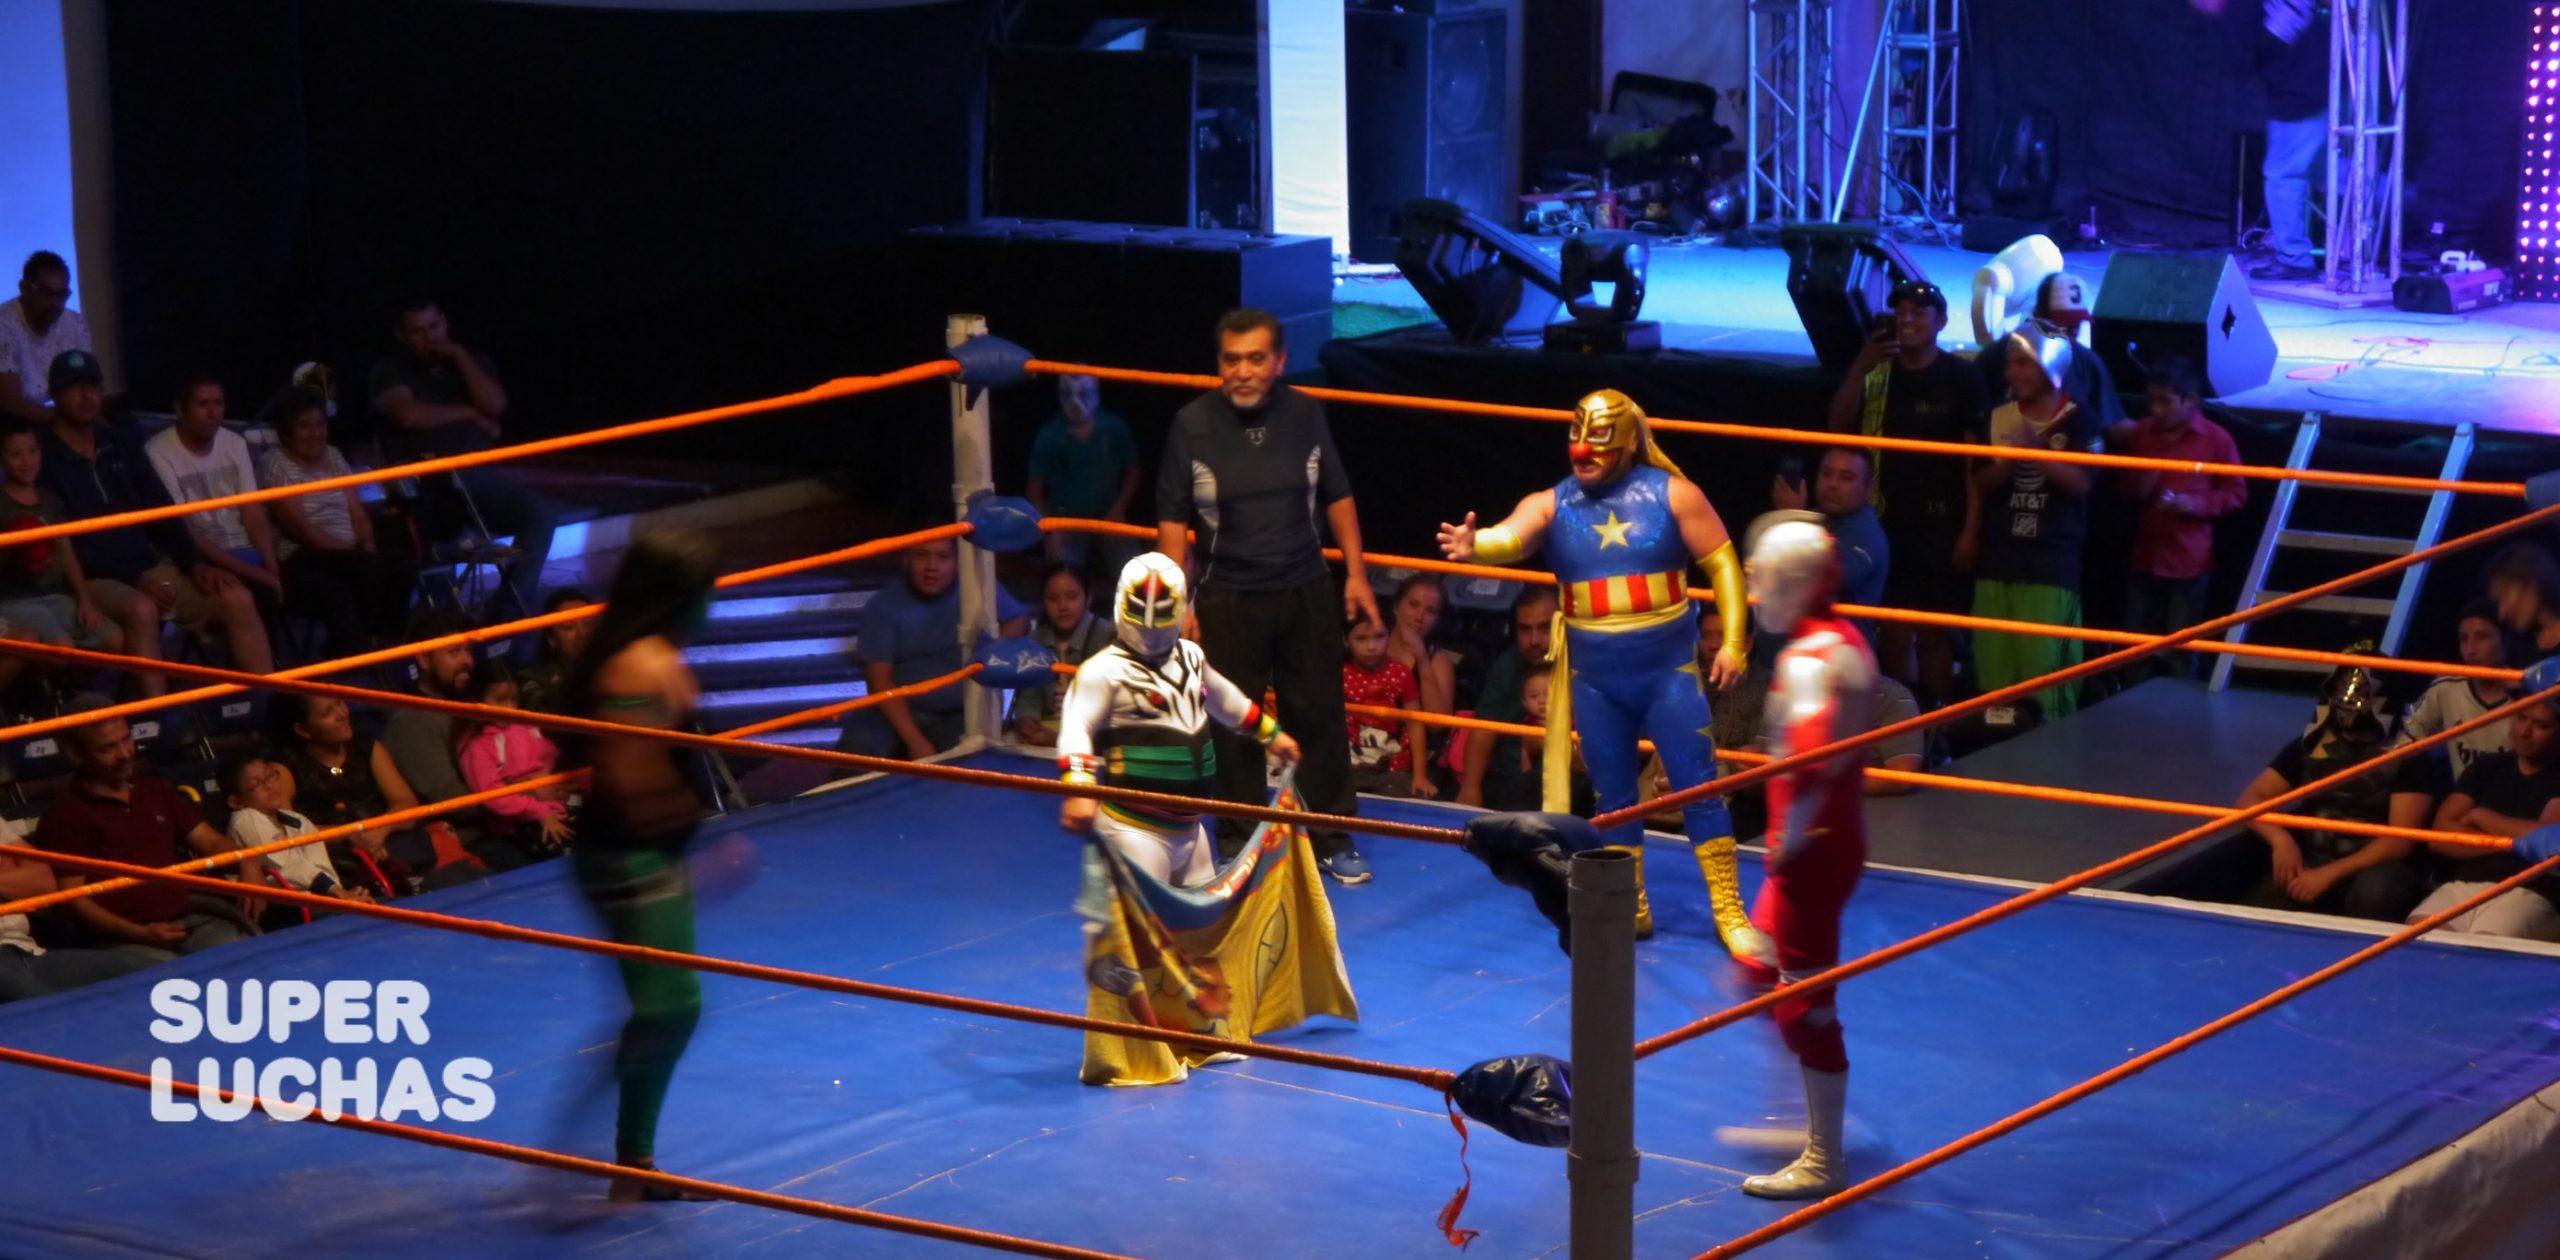 Resultados Morelia 10/11/19 Atlantis presente — ¡Sable Rojo vence a Arhgo! ¿Máscaras en puerta? 5